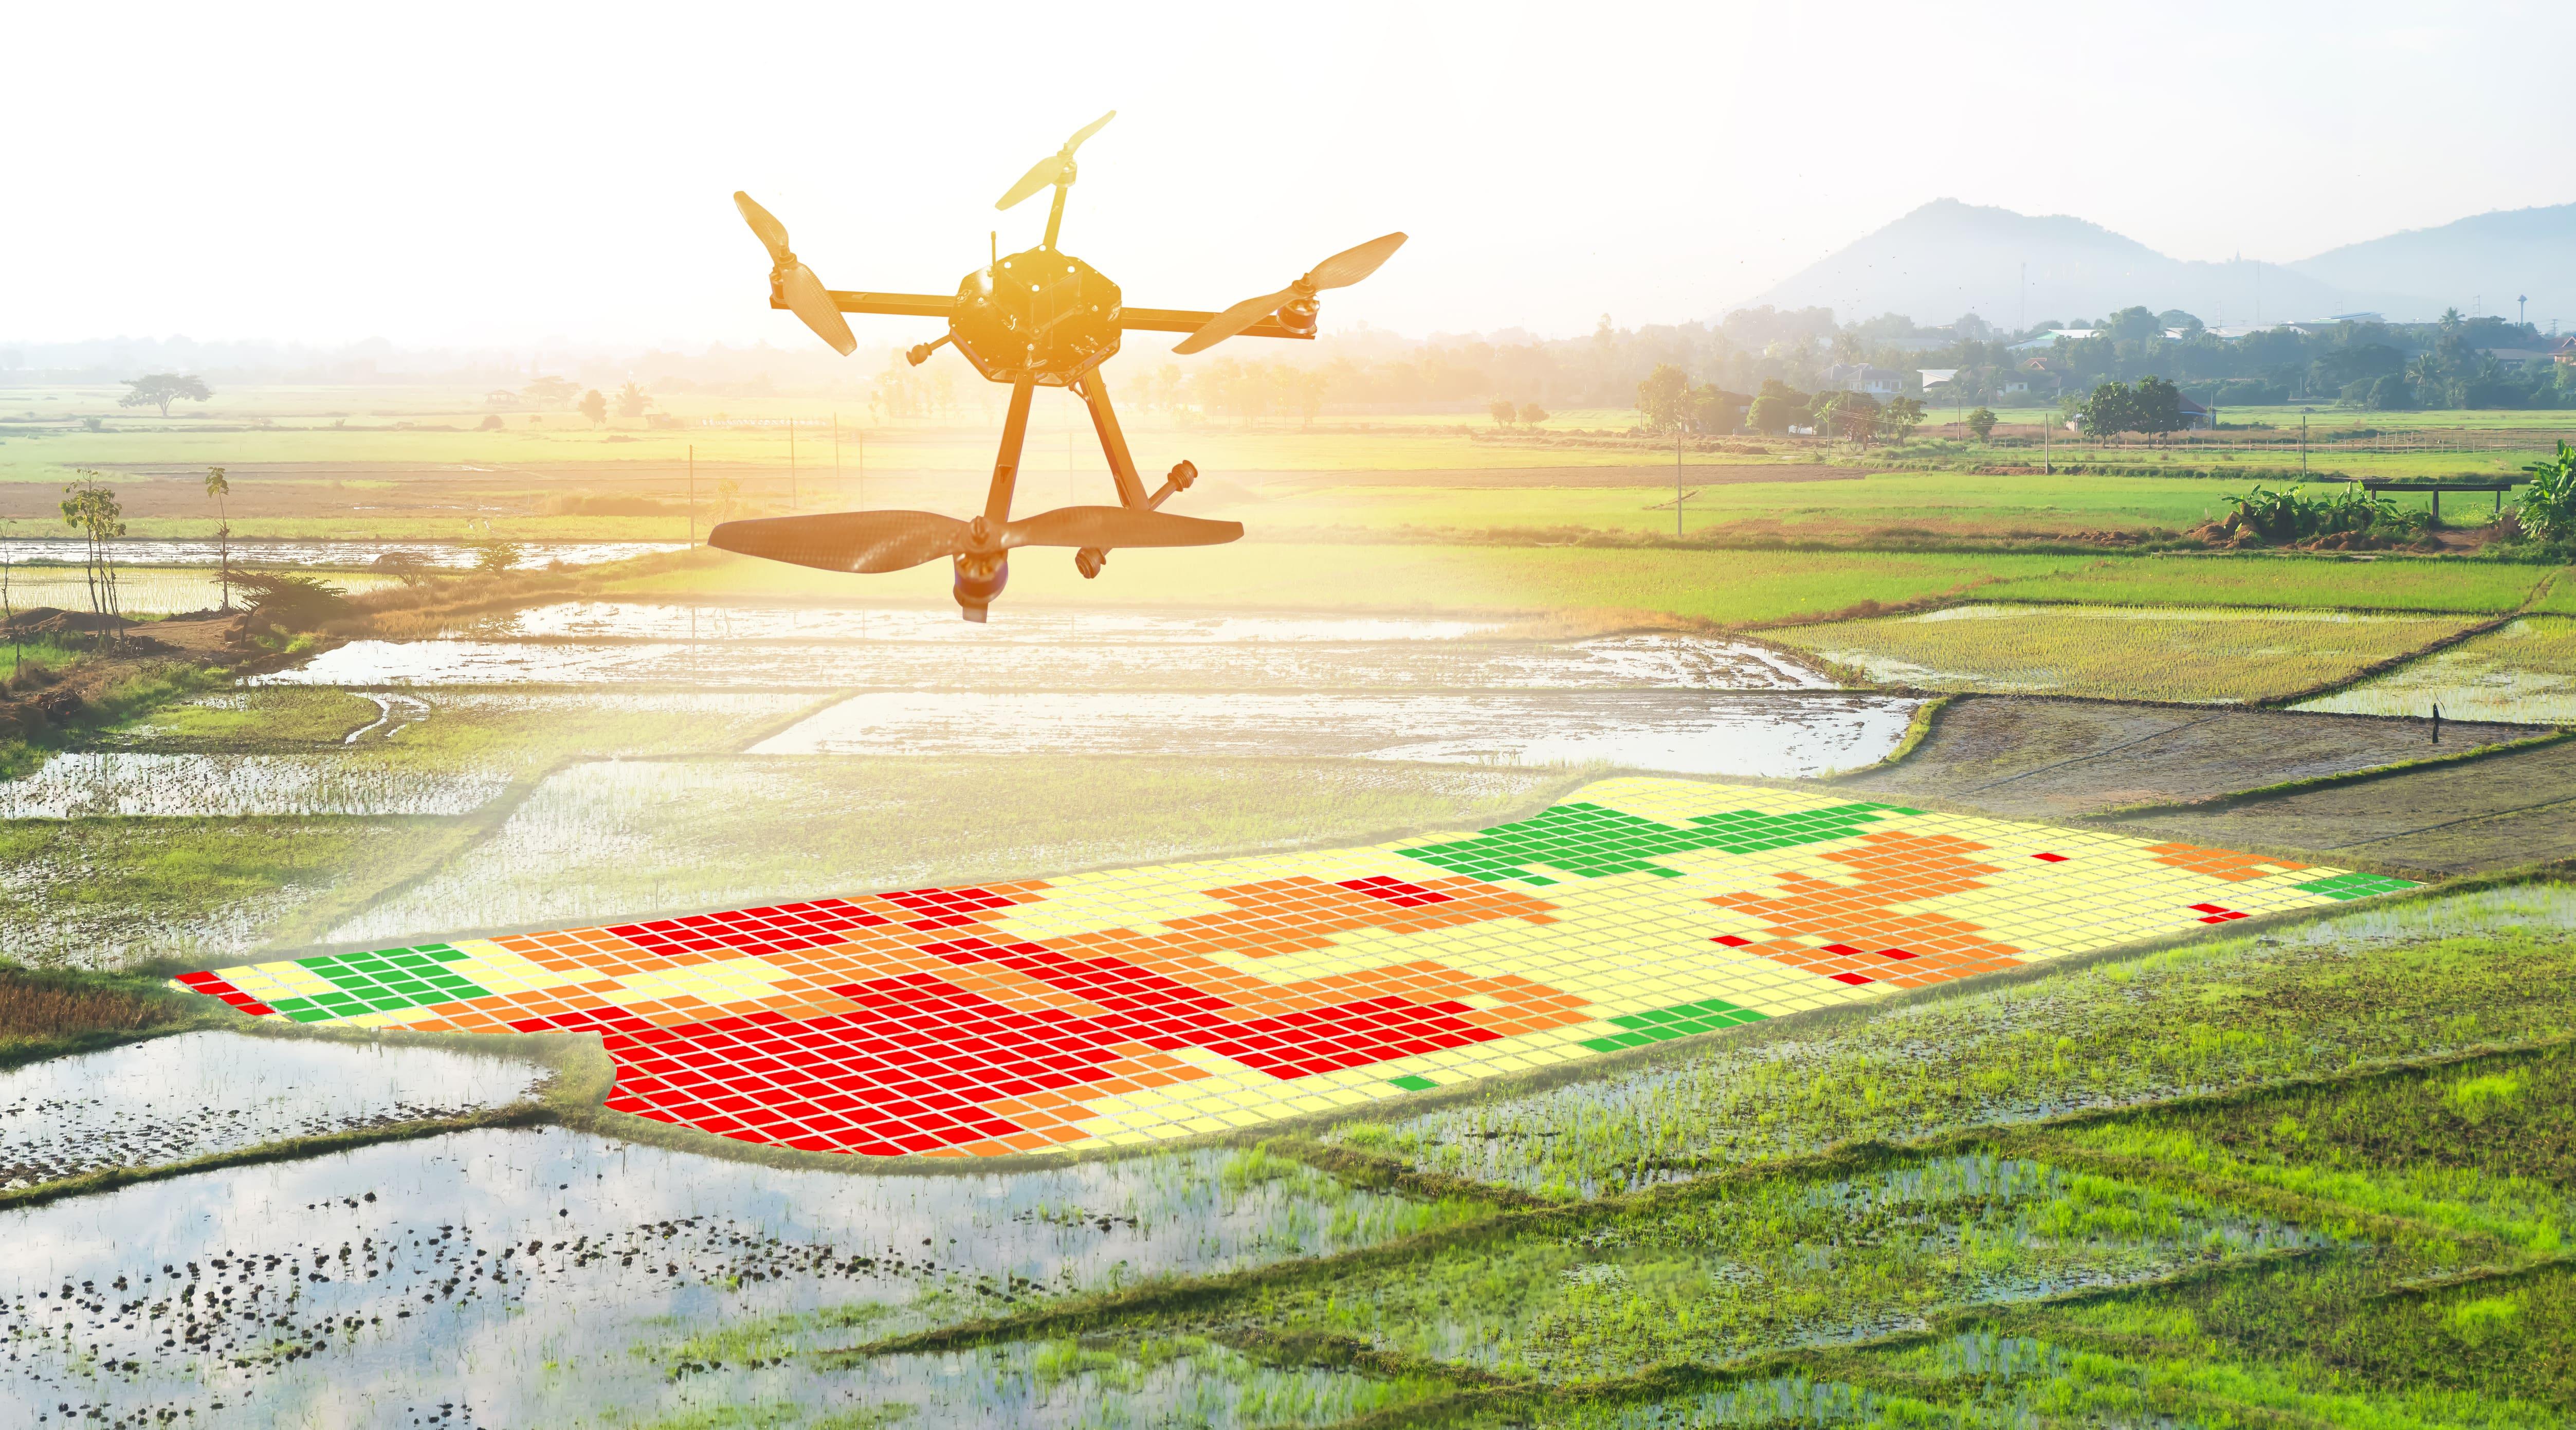 drones de agricultura digital ajudam no uso de insumos para a agricultura de precisao